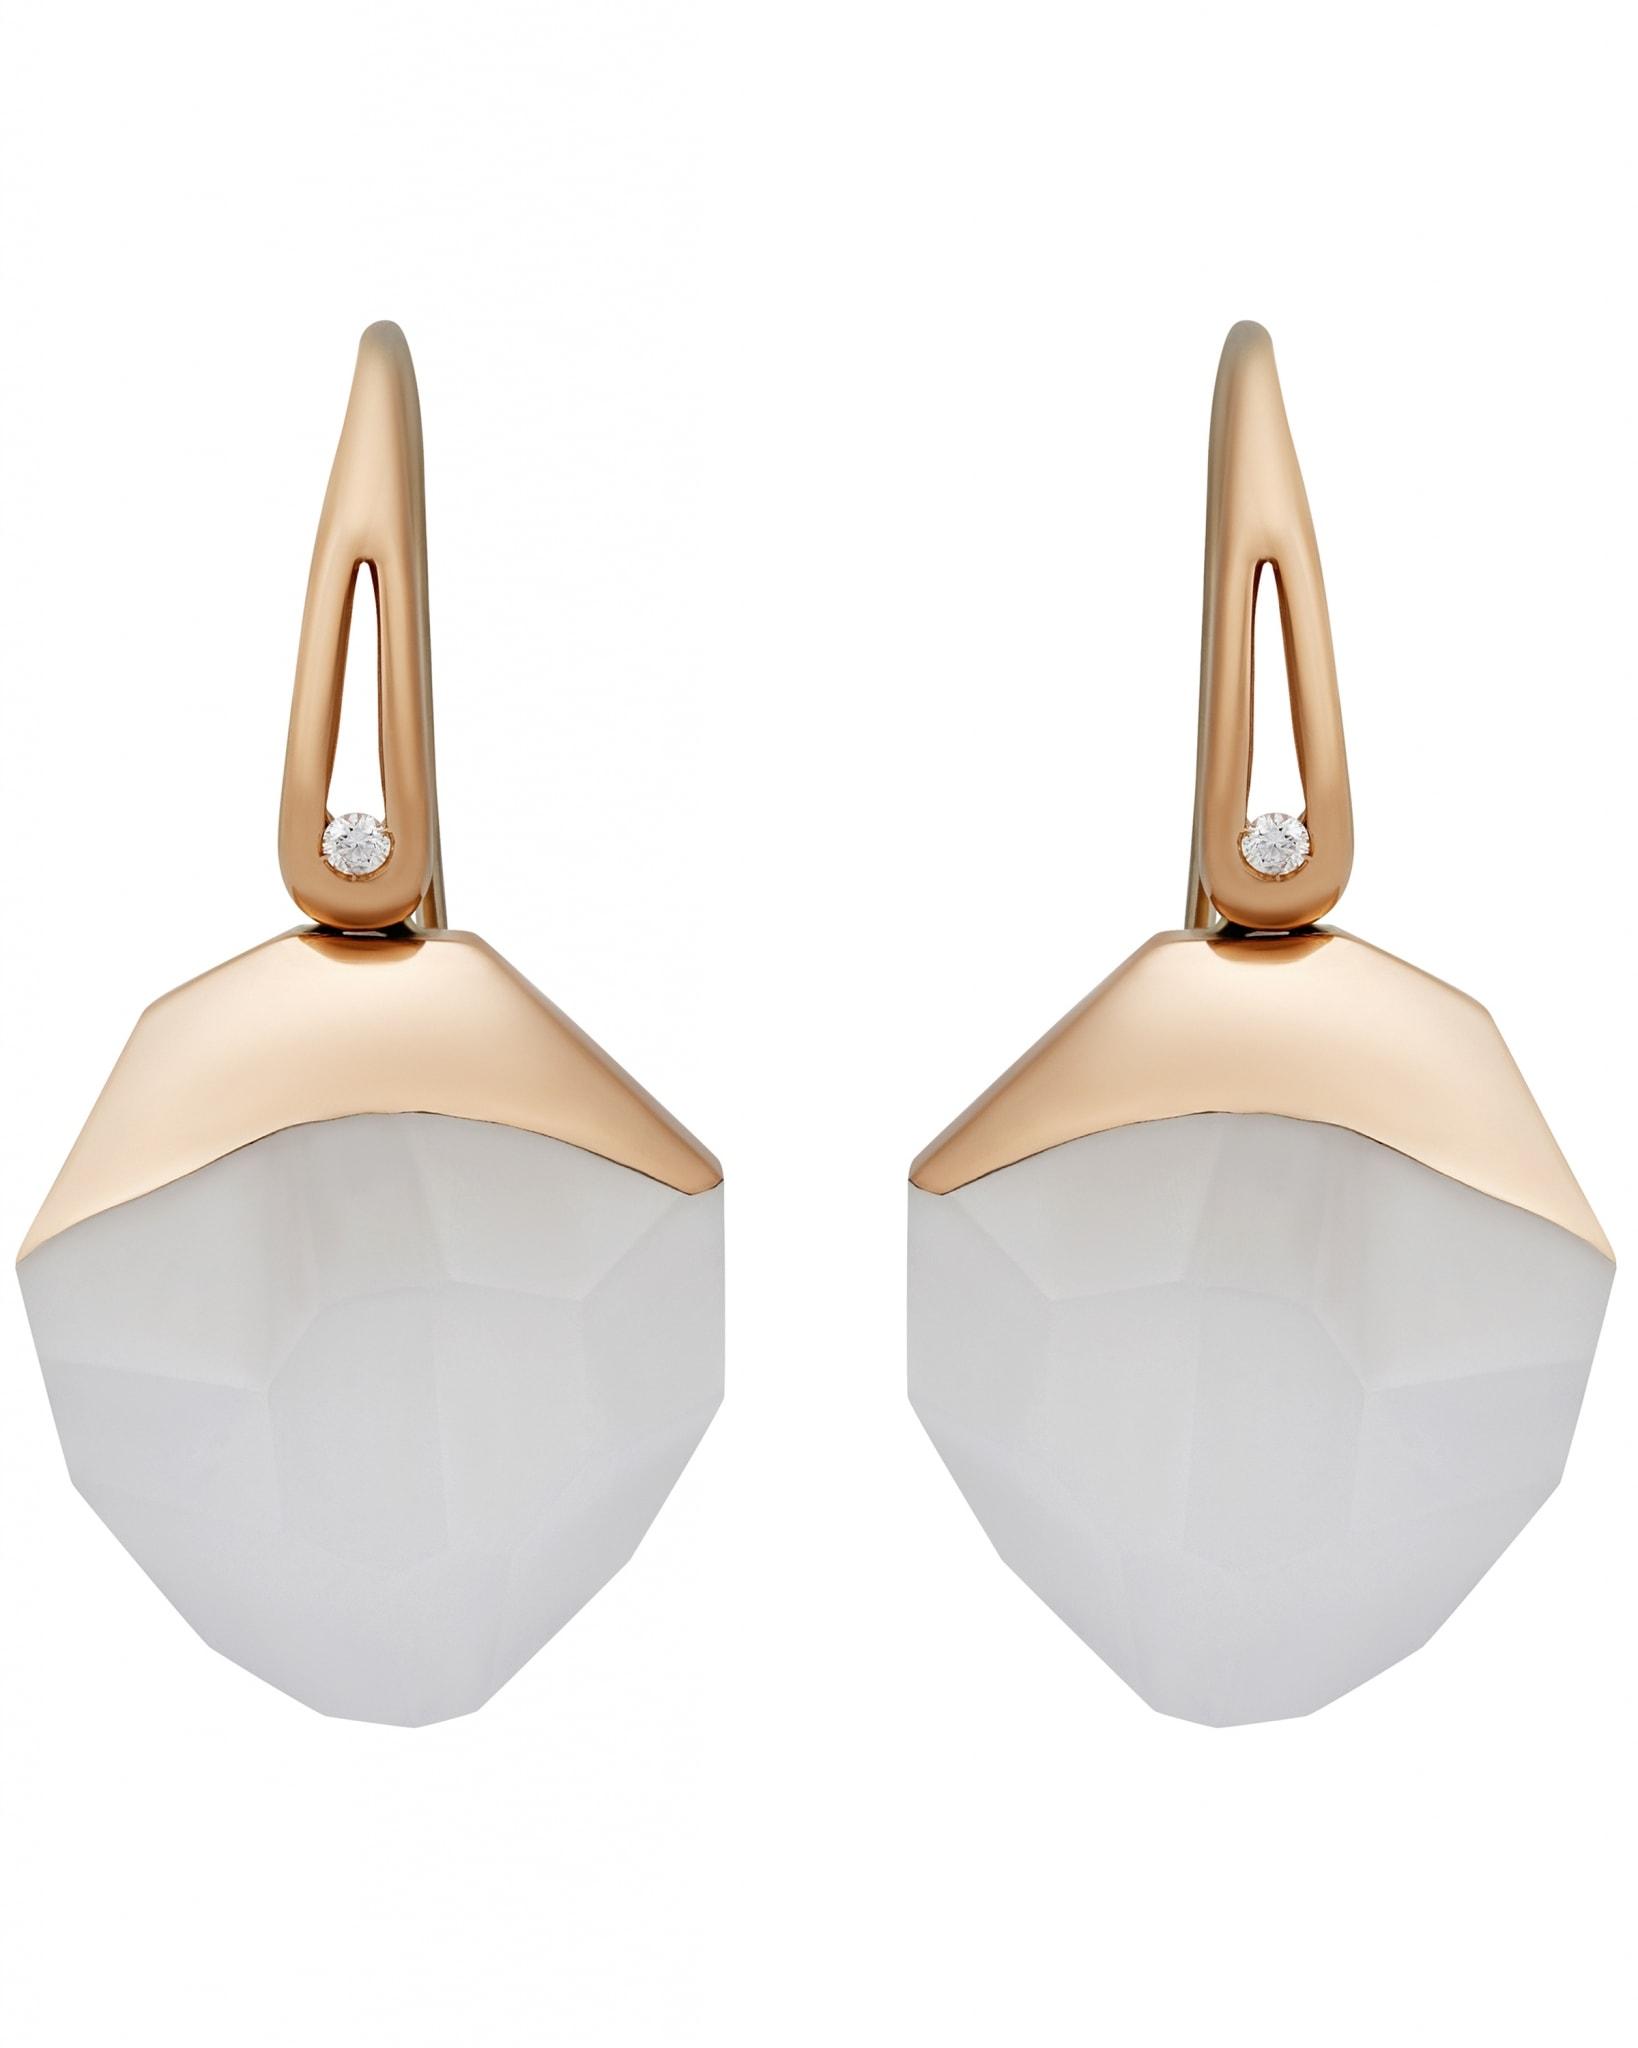 Roberto Coin – 18K Rose Gold, White Quartz & Ruby Earrings ADV130EA1126